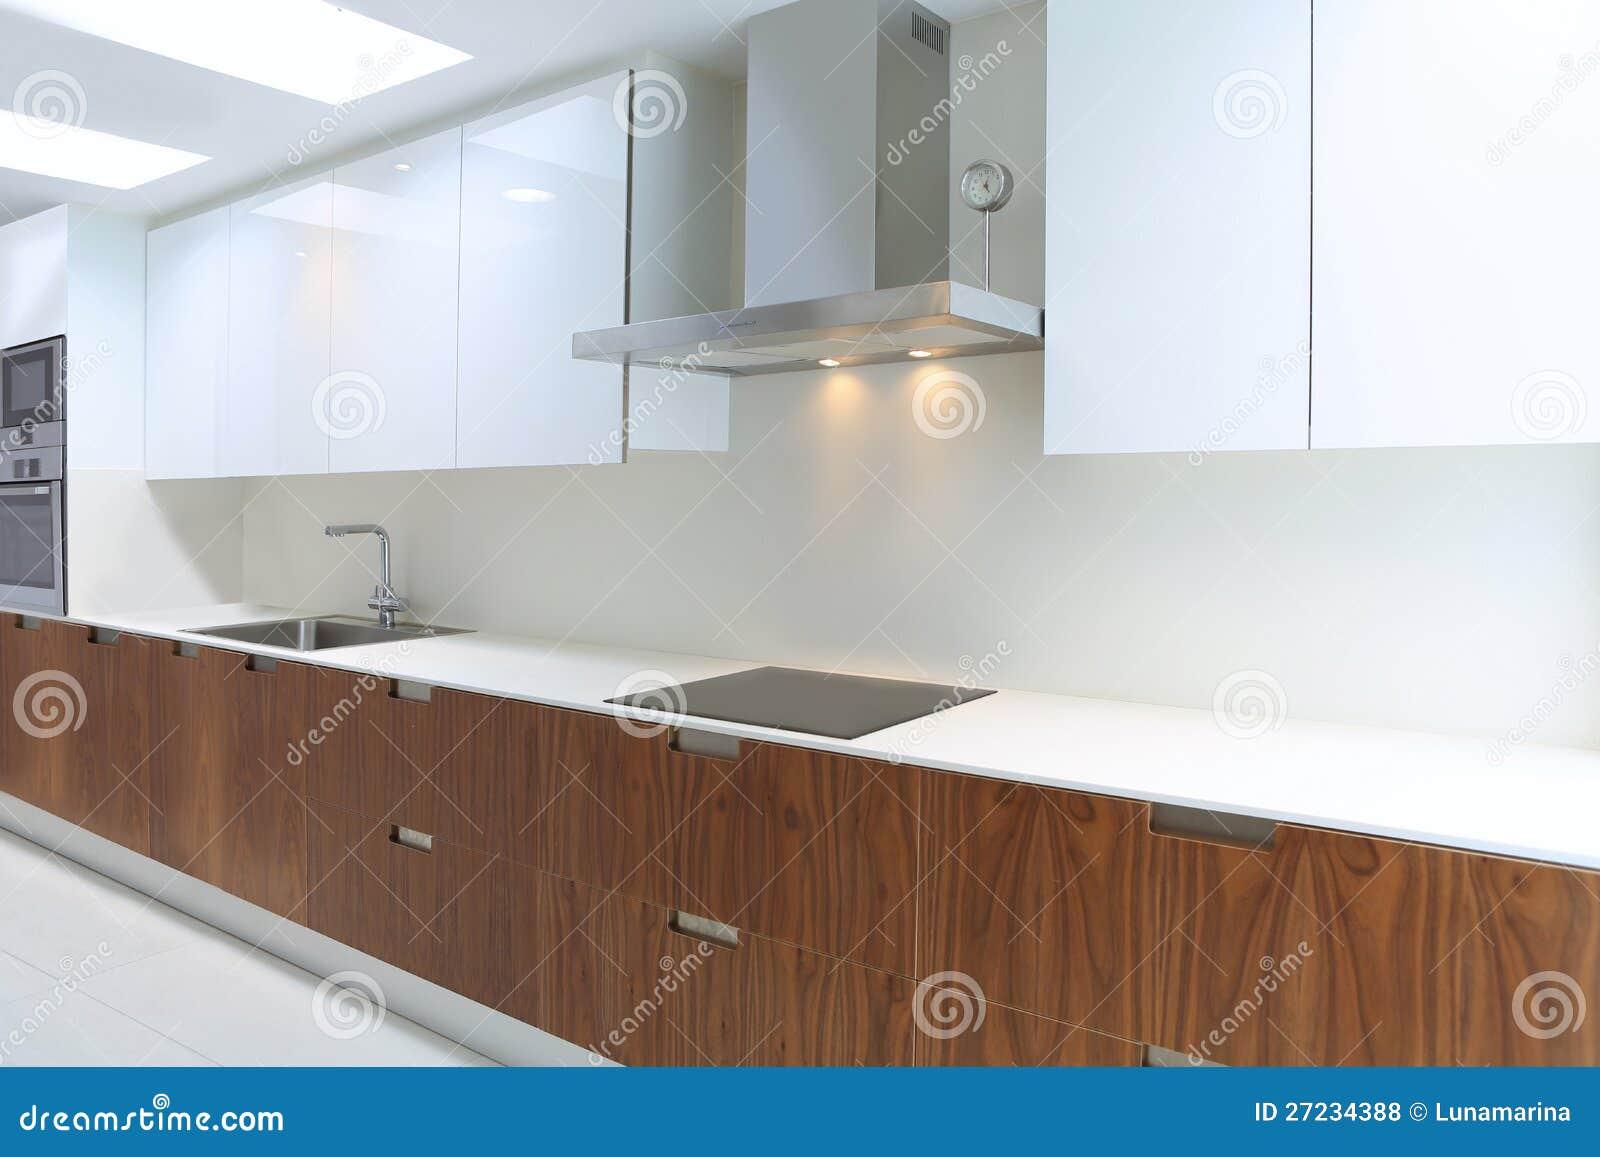 Cucina Moderna Reale In Bianco E Legno Della Noce Fotografia Stock